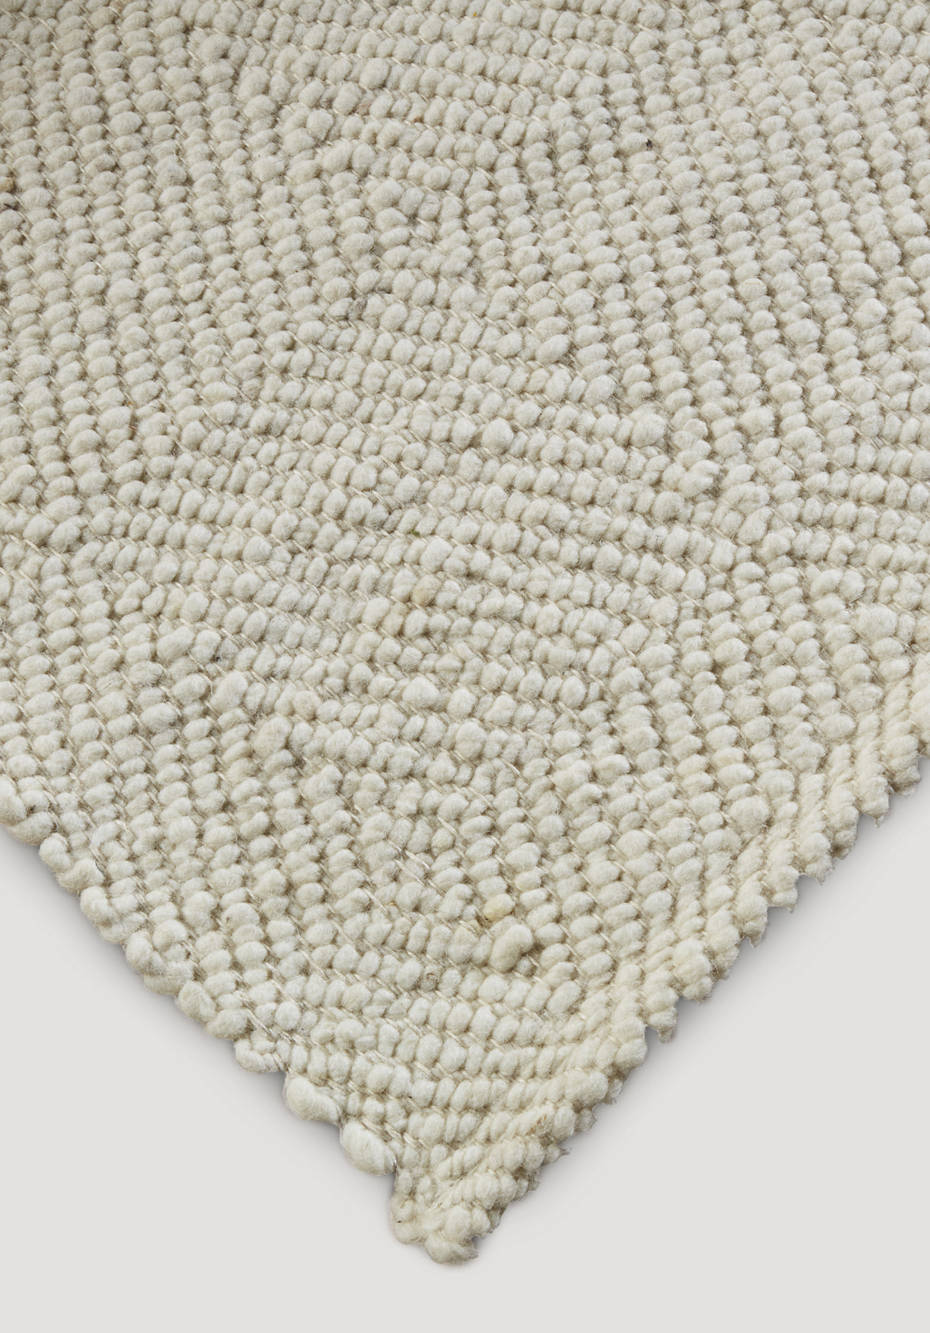 Schurwoll-Teppich Ruga vom Deichschaf